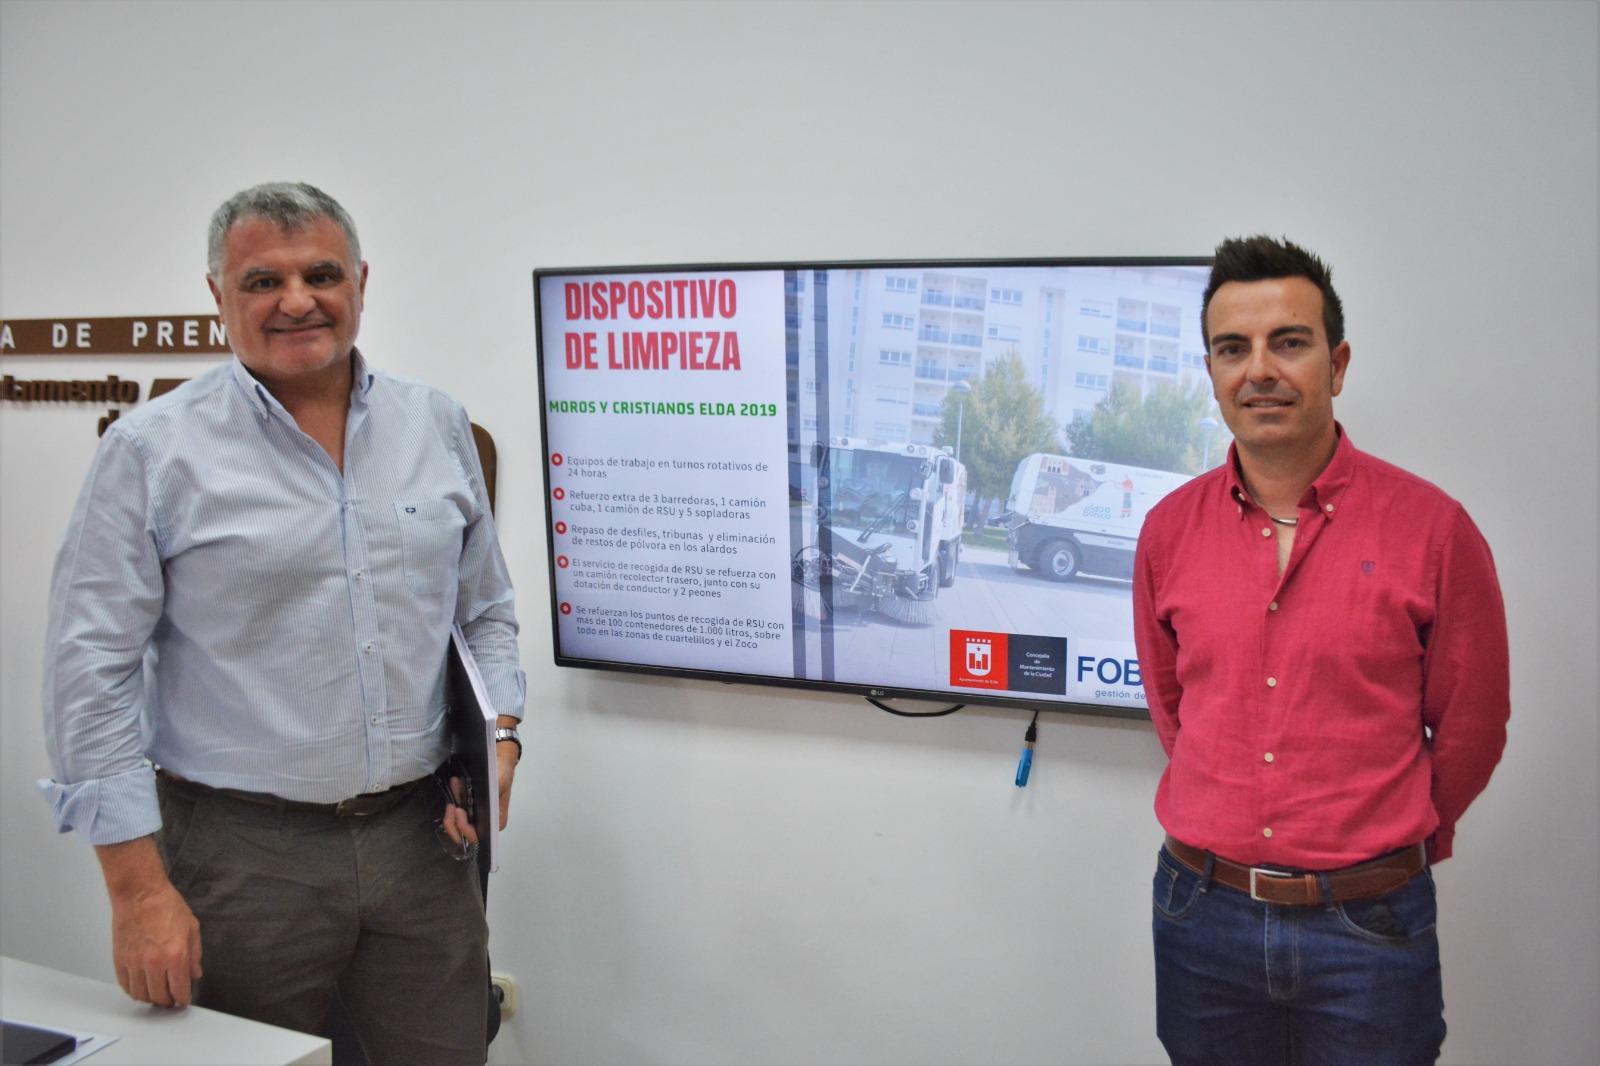 El Ayuntamiento de Elda habilita un dispositivo especial de limpieza para las fiestas de Moros y Cristianos